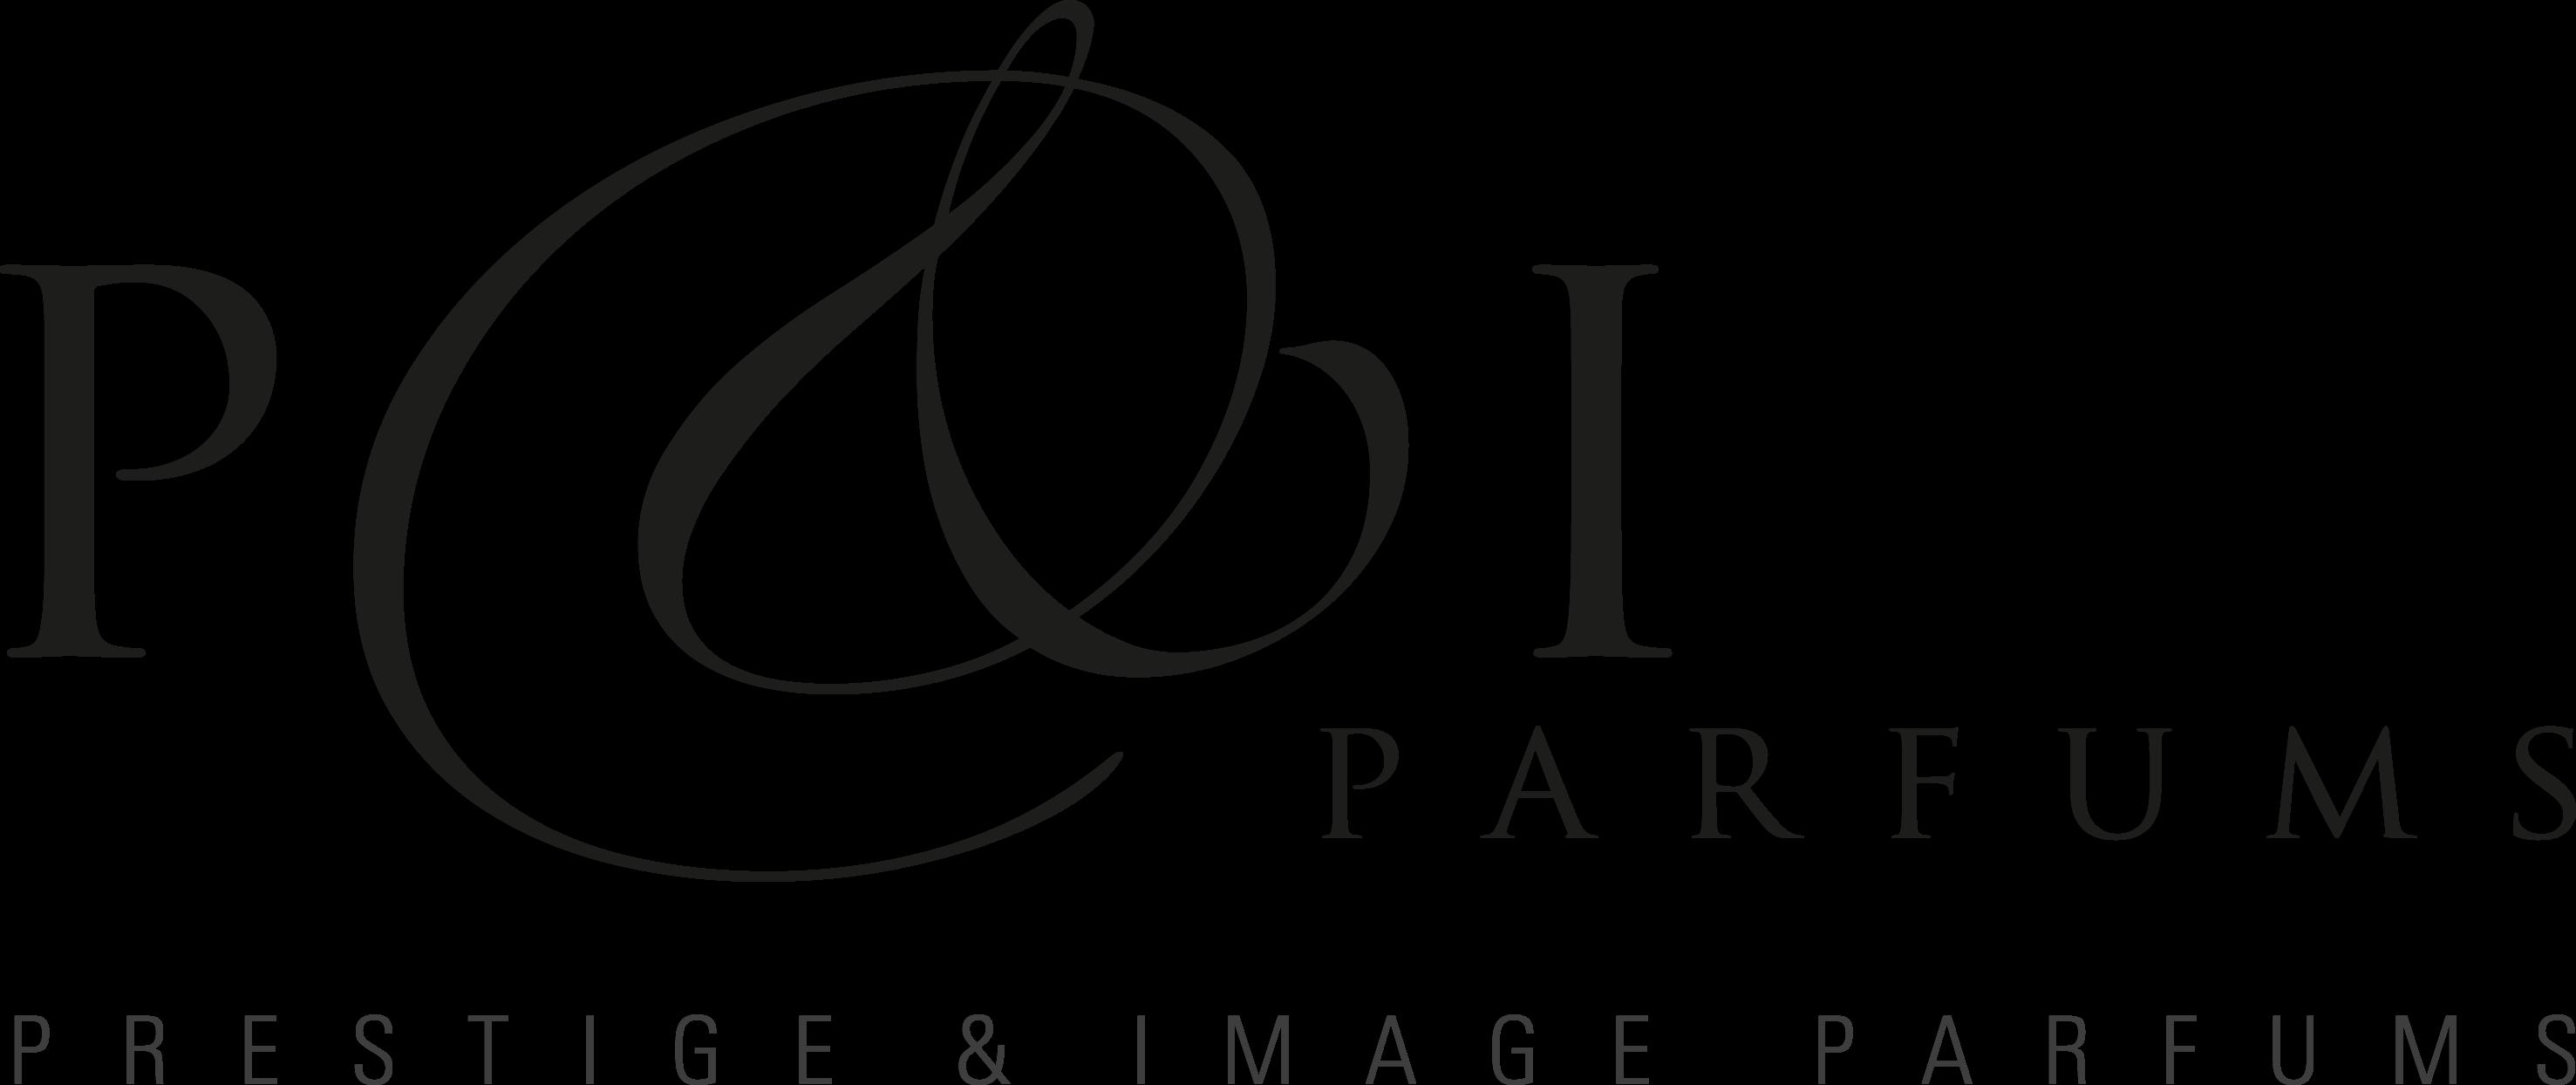 P&I Parfums GmbH | Distributor von Parfums, Kosmetik und Beauty Produkte